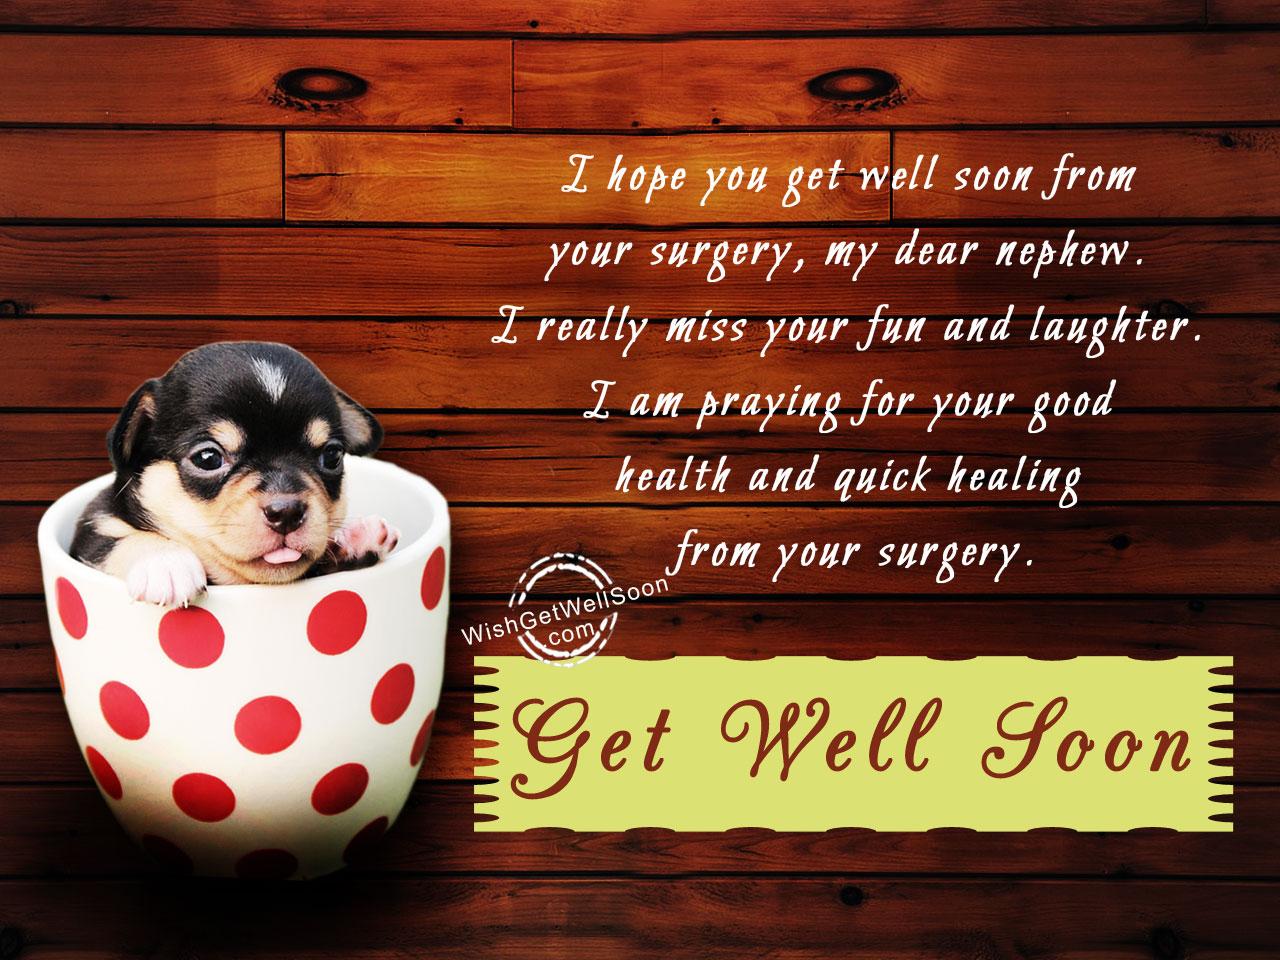 Graceful I Hope You Get Well Soon Hope You Feel Better Soon Message Hope You Feel Better Soon Images cards Hope You Feel Better Soon